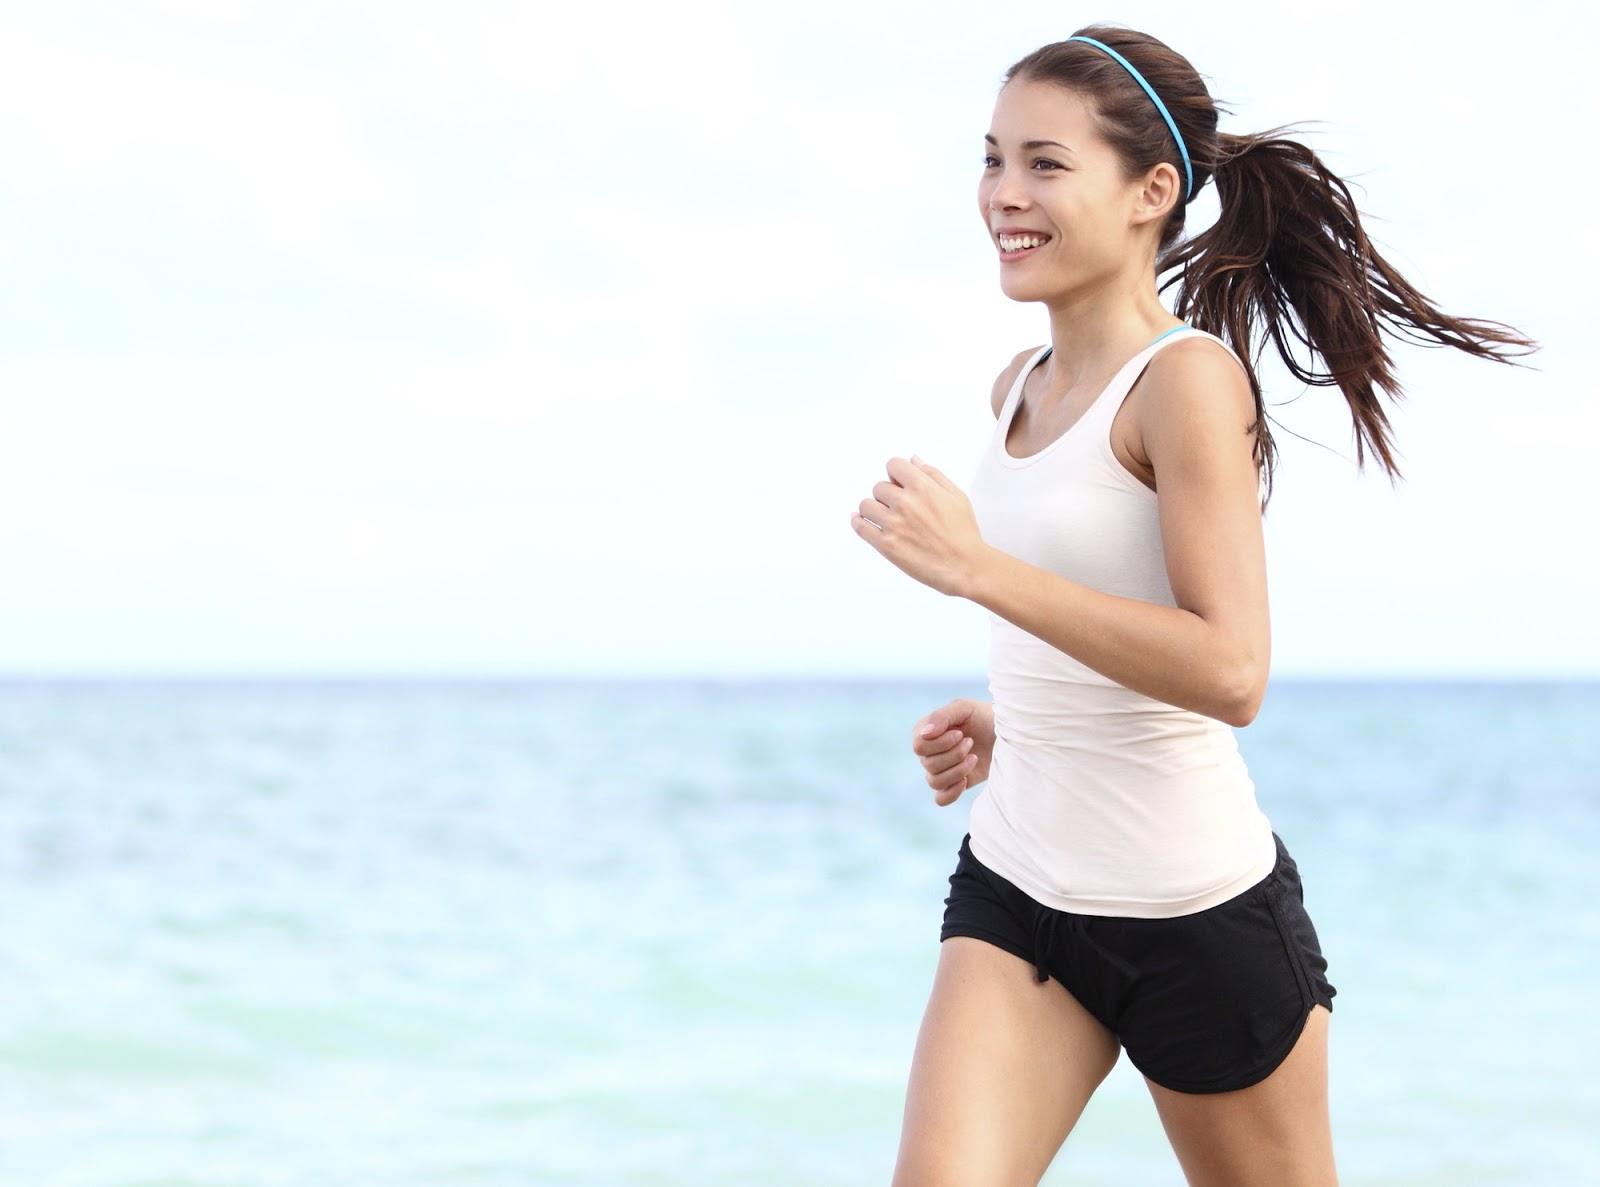 Những cách giảm cân sau sinh hiệu quả